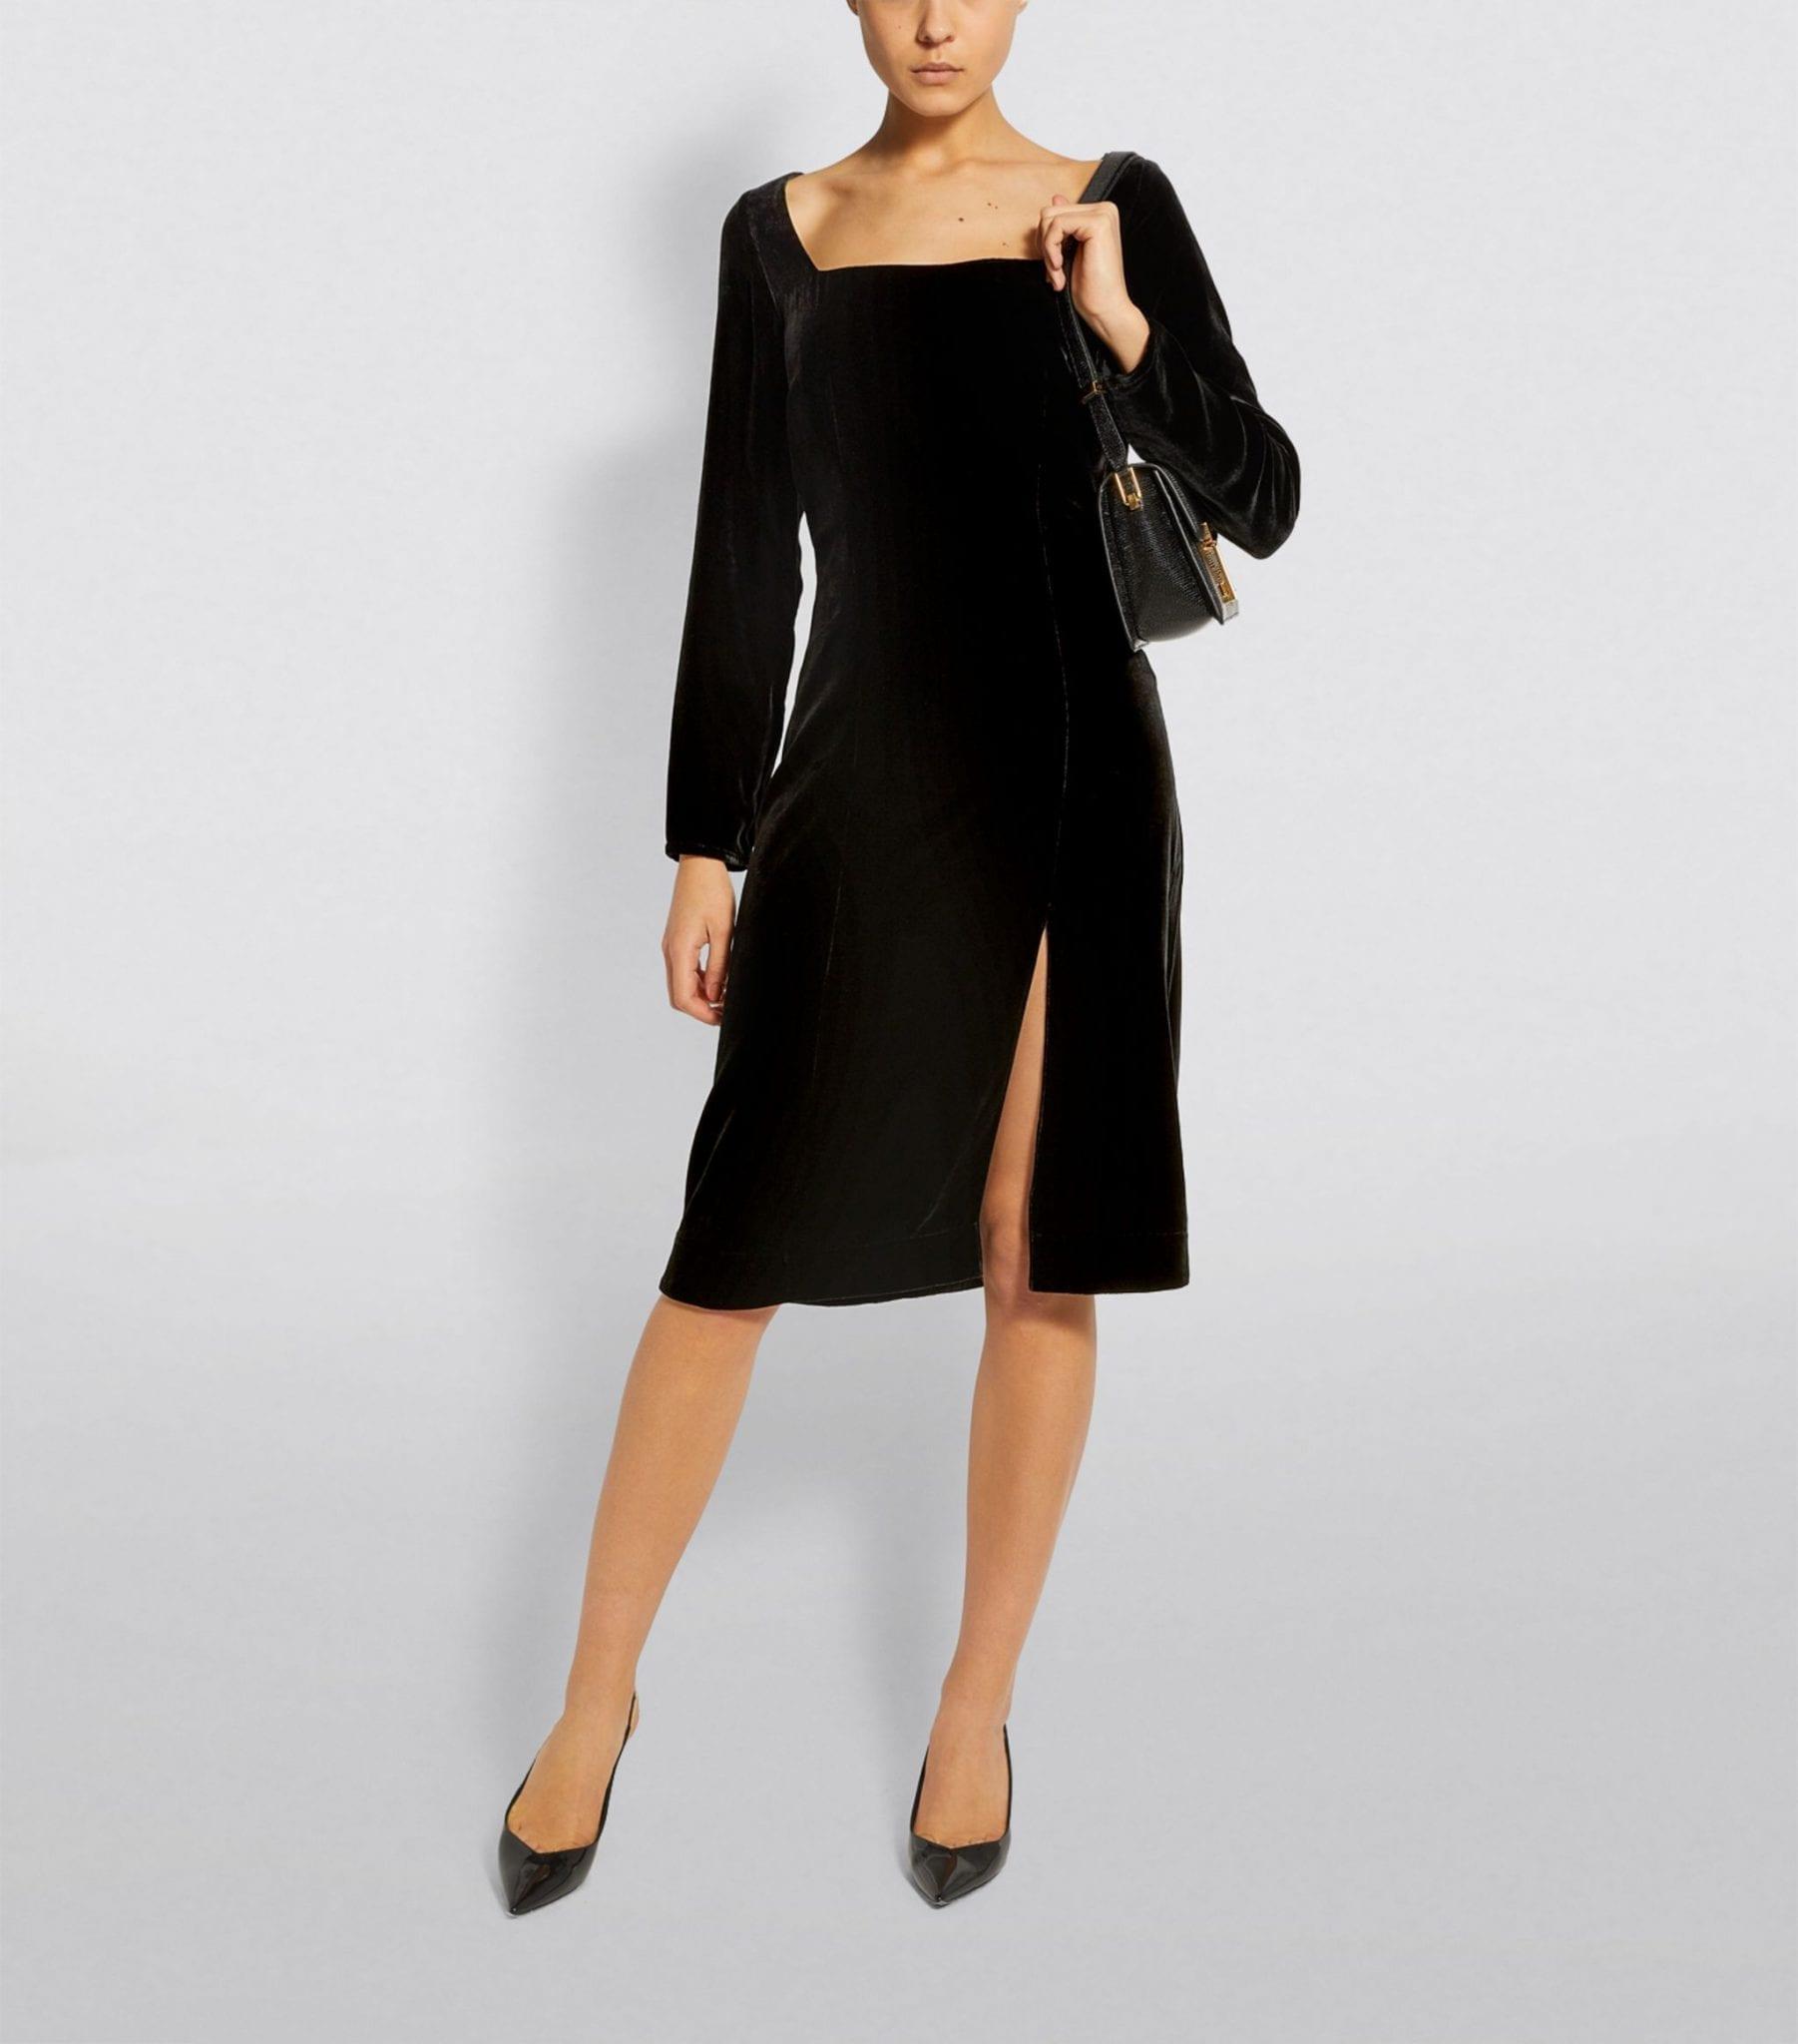 DEITAS Velvet Nyx Mini Dress